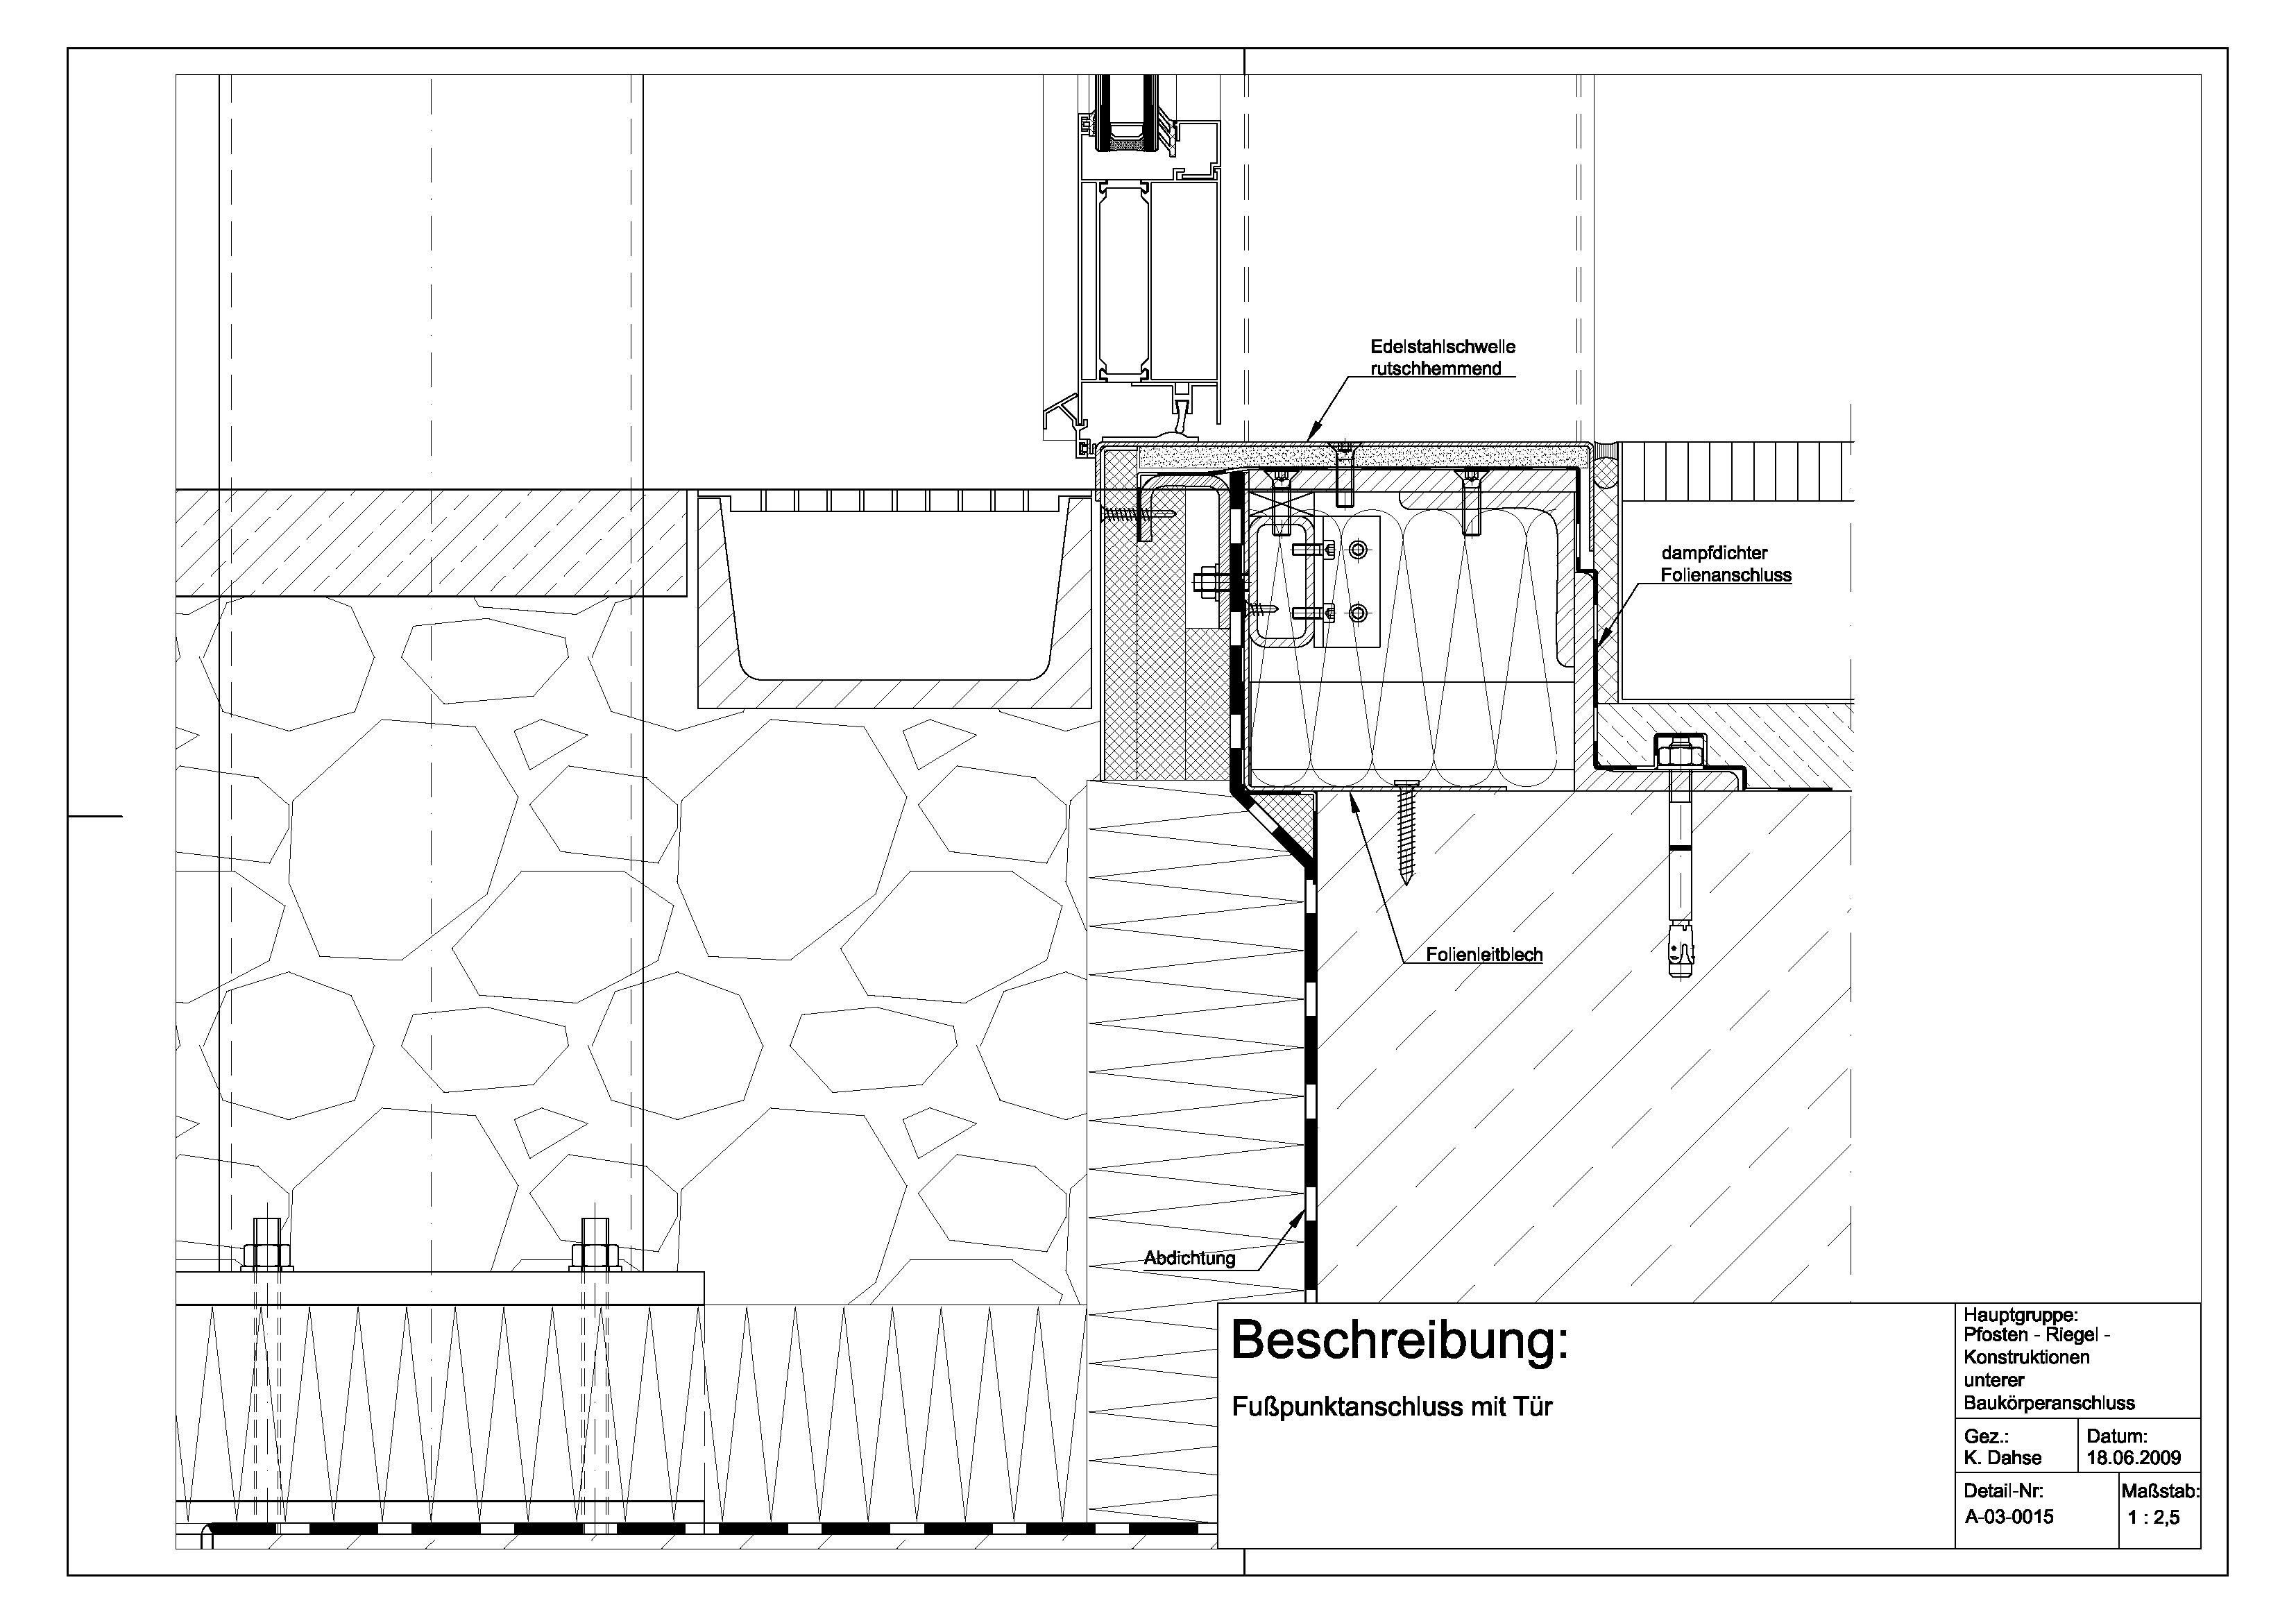 Außentür detail fußpunkt  A-03-0015 Türfußpunktanschluss | architektur-detail | Pinterest